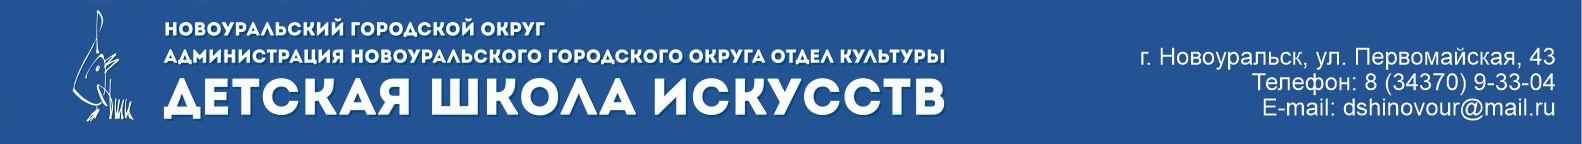 МБОУК ДОД